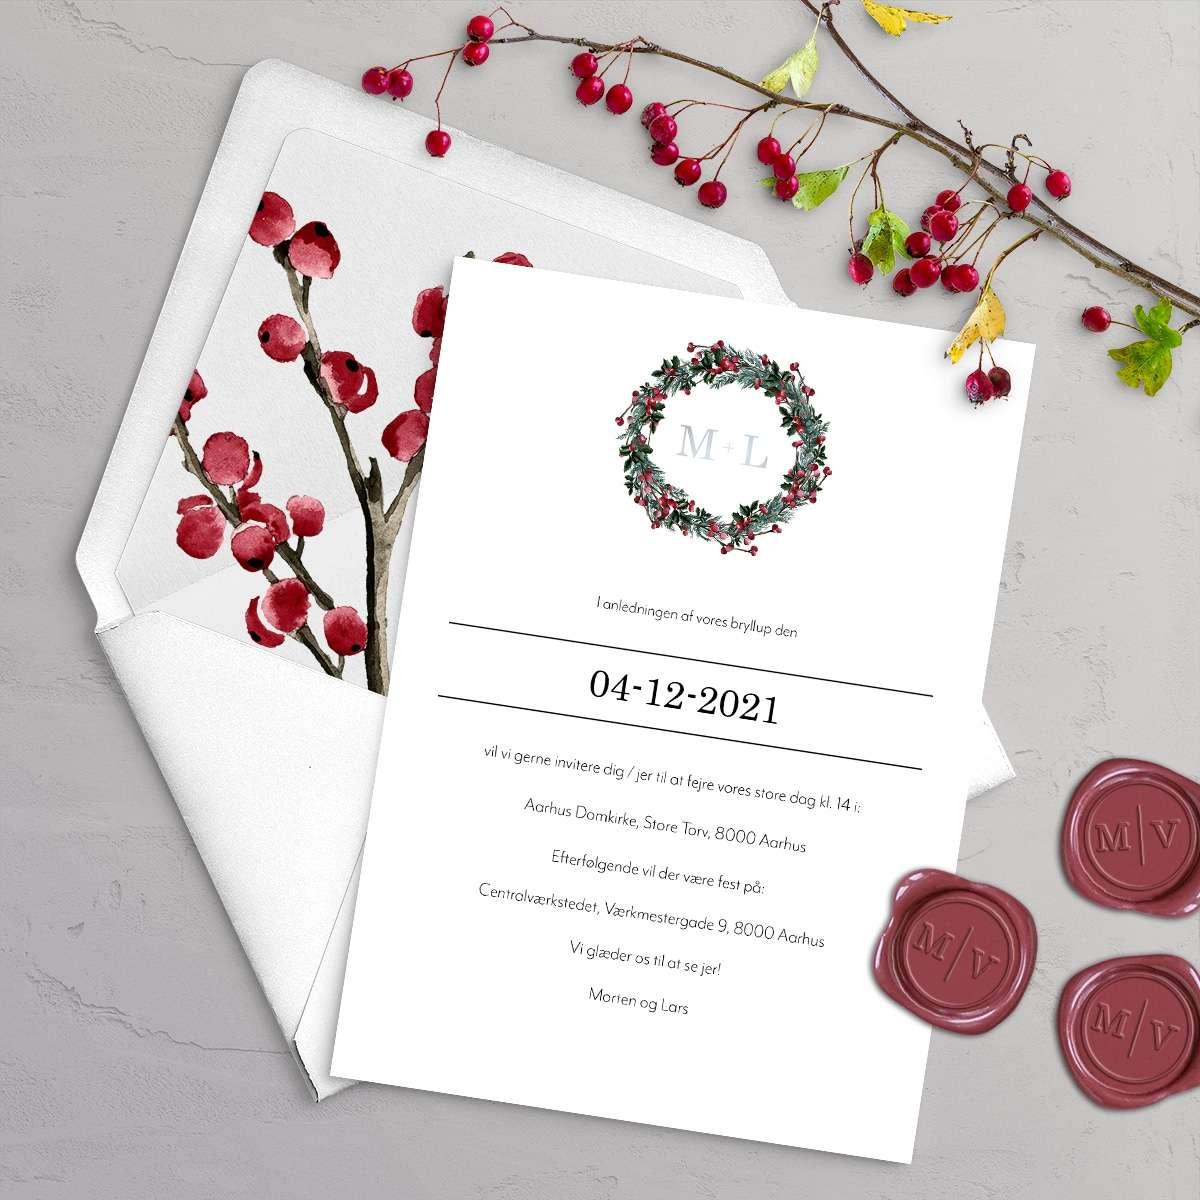 Bryllupsinvitationen Winter Wreath med monogram i sølvfolie. Et smukt design til et vinterbryllup med krans i gran, kristtjørn og grene med røde bær.